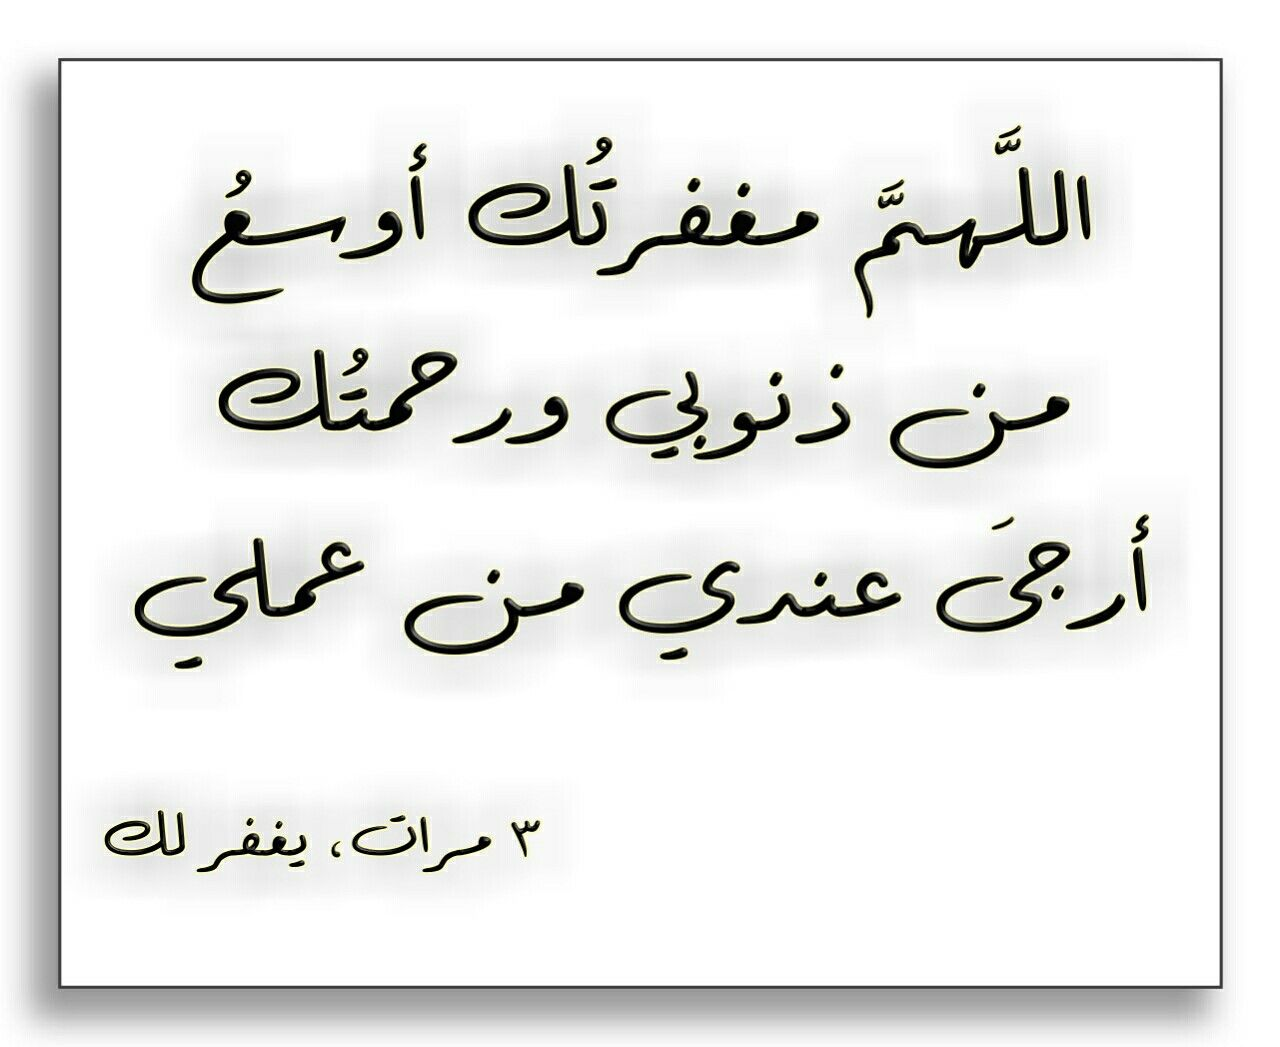 حديث دعاء Words Arabic Calligraphy Arabic